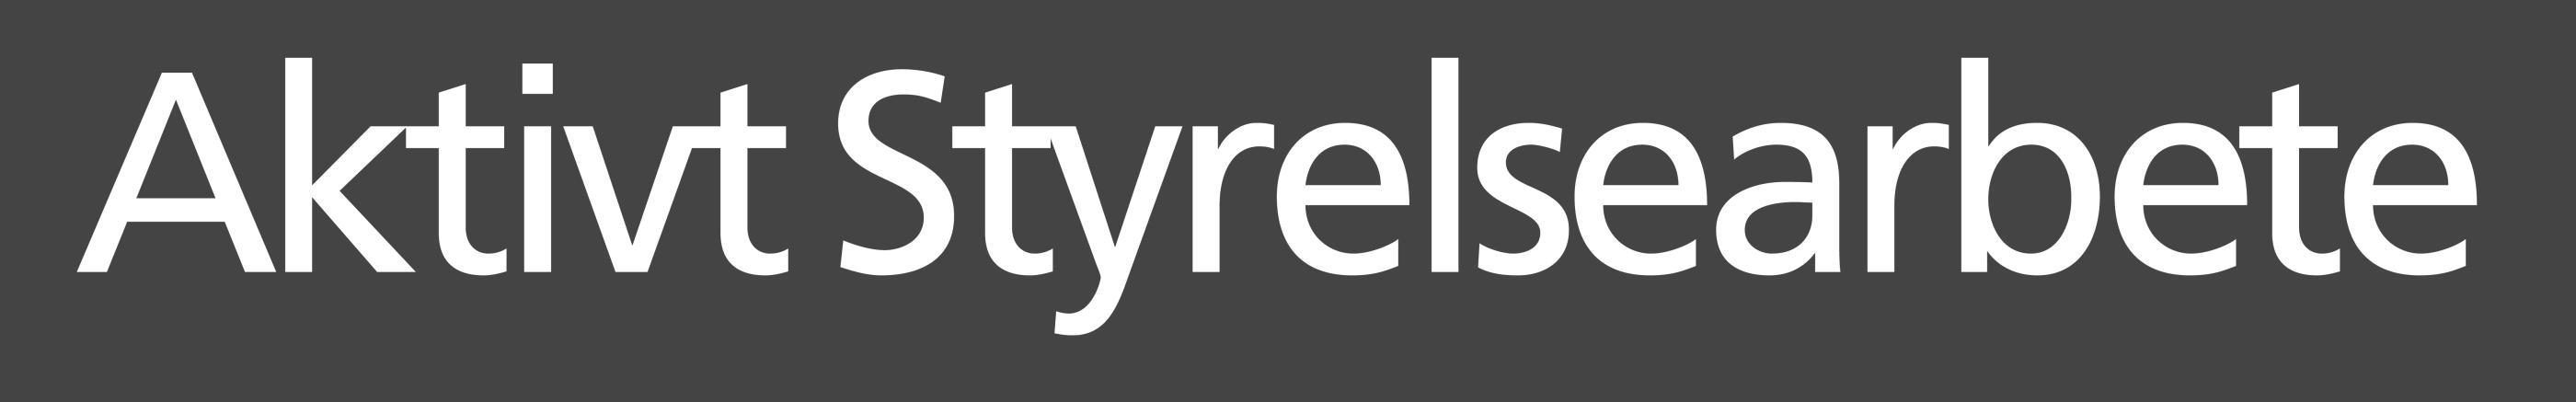 AktyvStyr logo